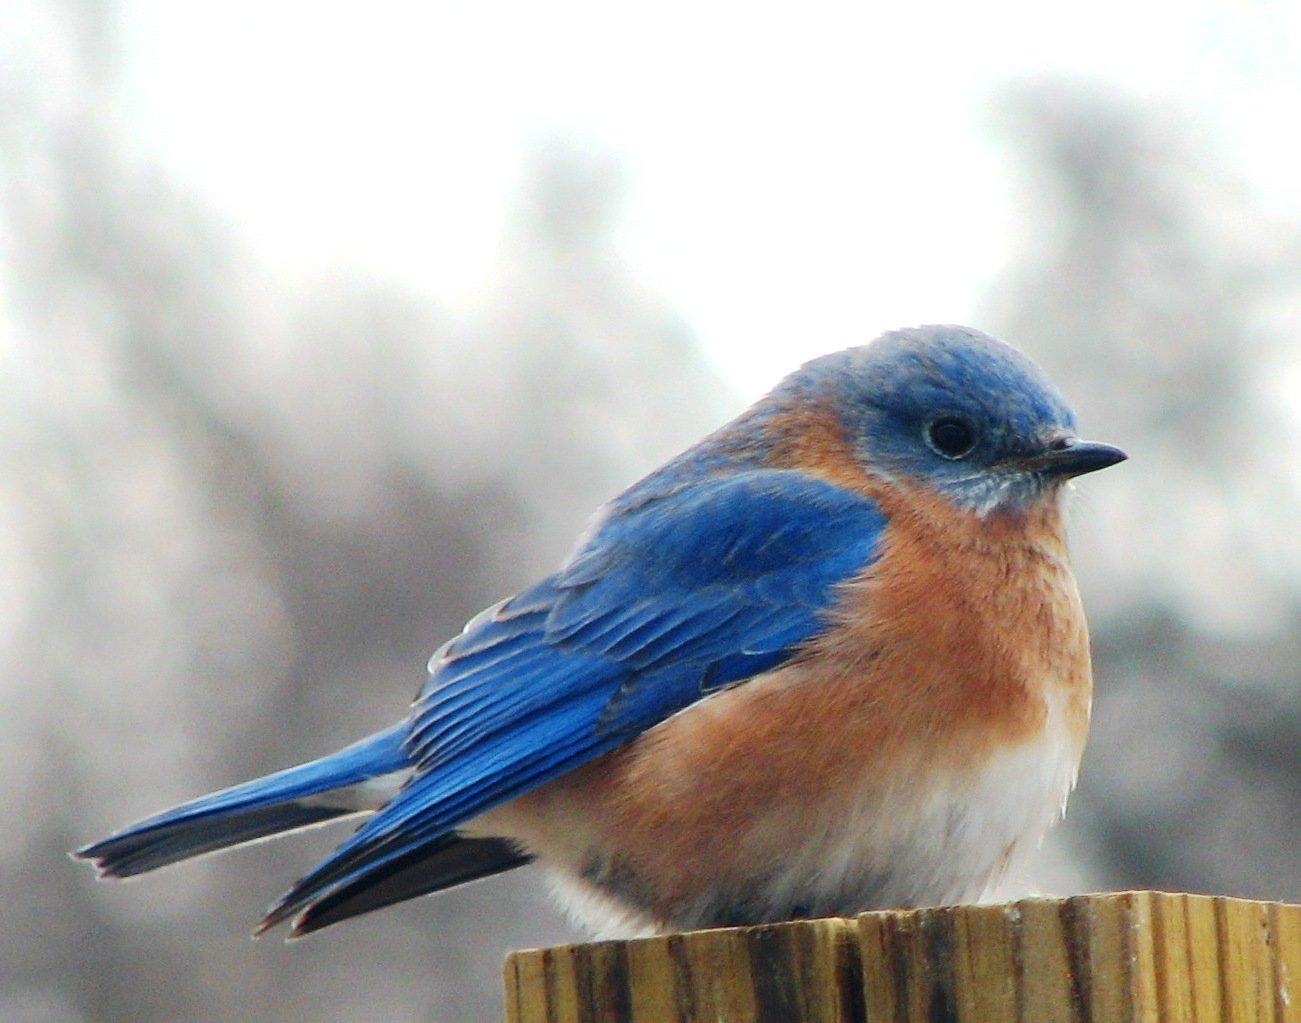 Big blue bird pictures for dekstop background Wallpaper 1301x1023